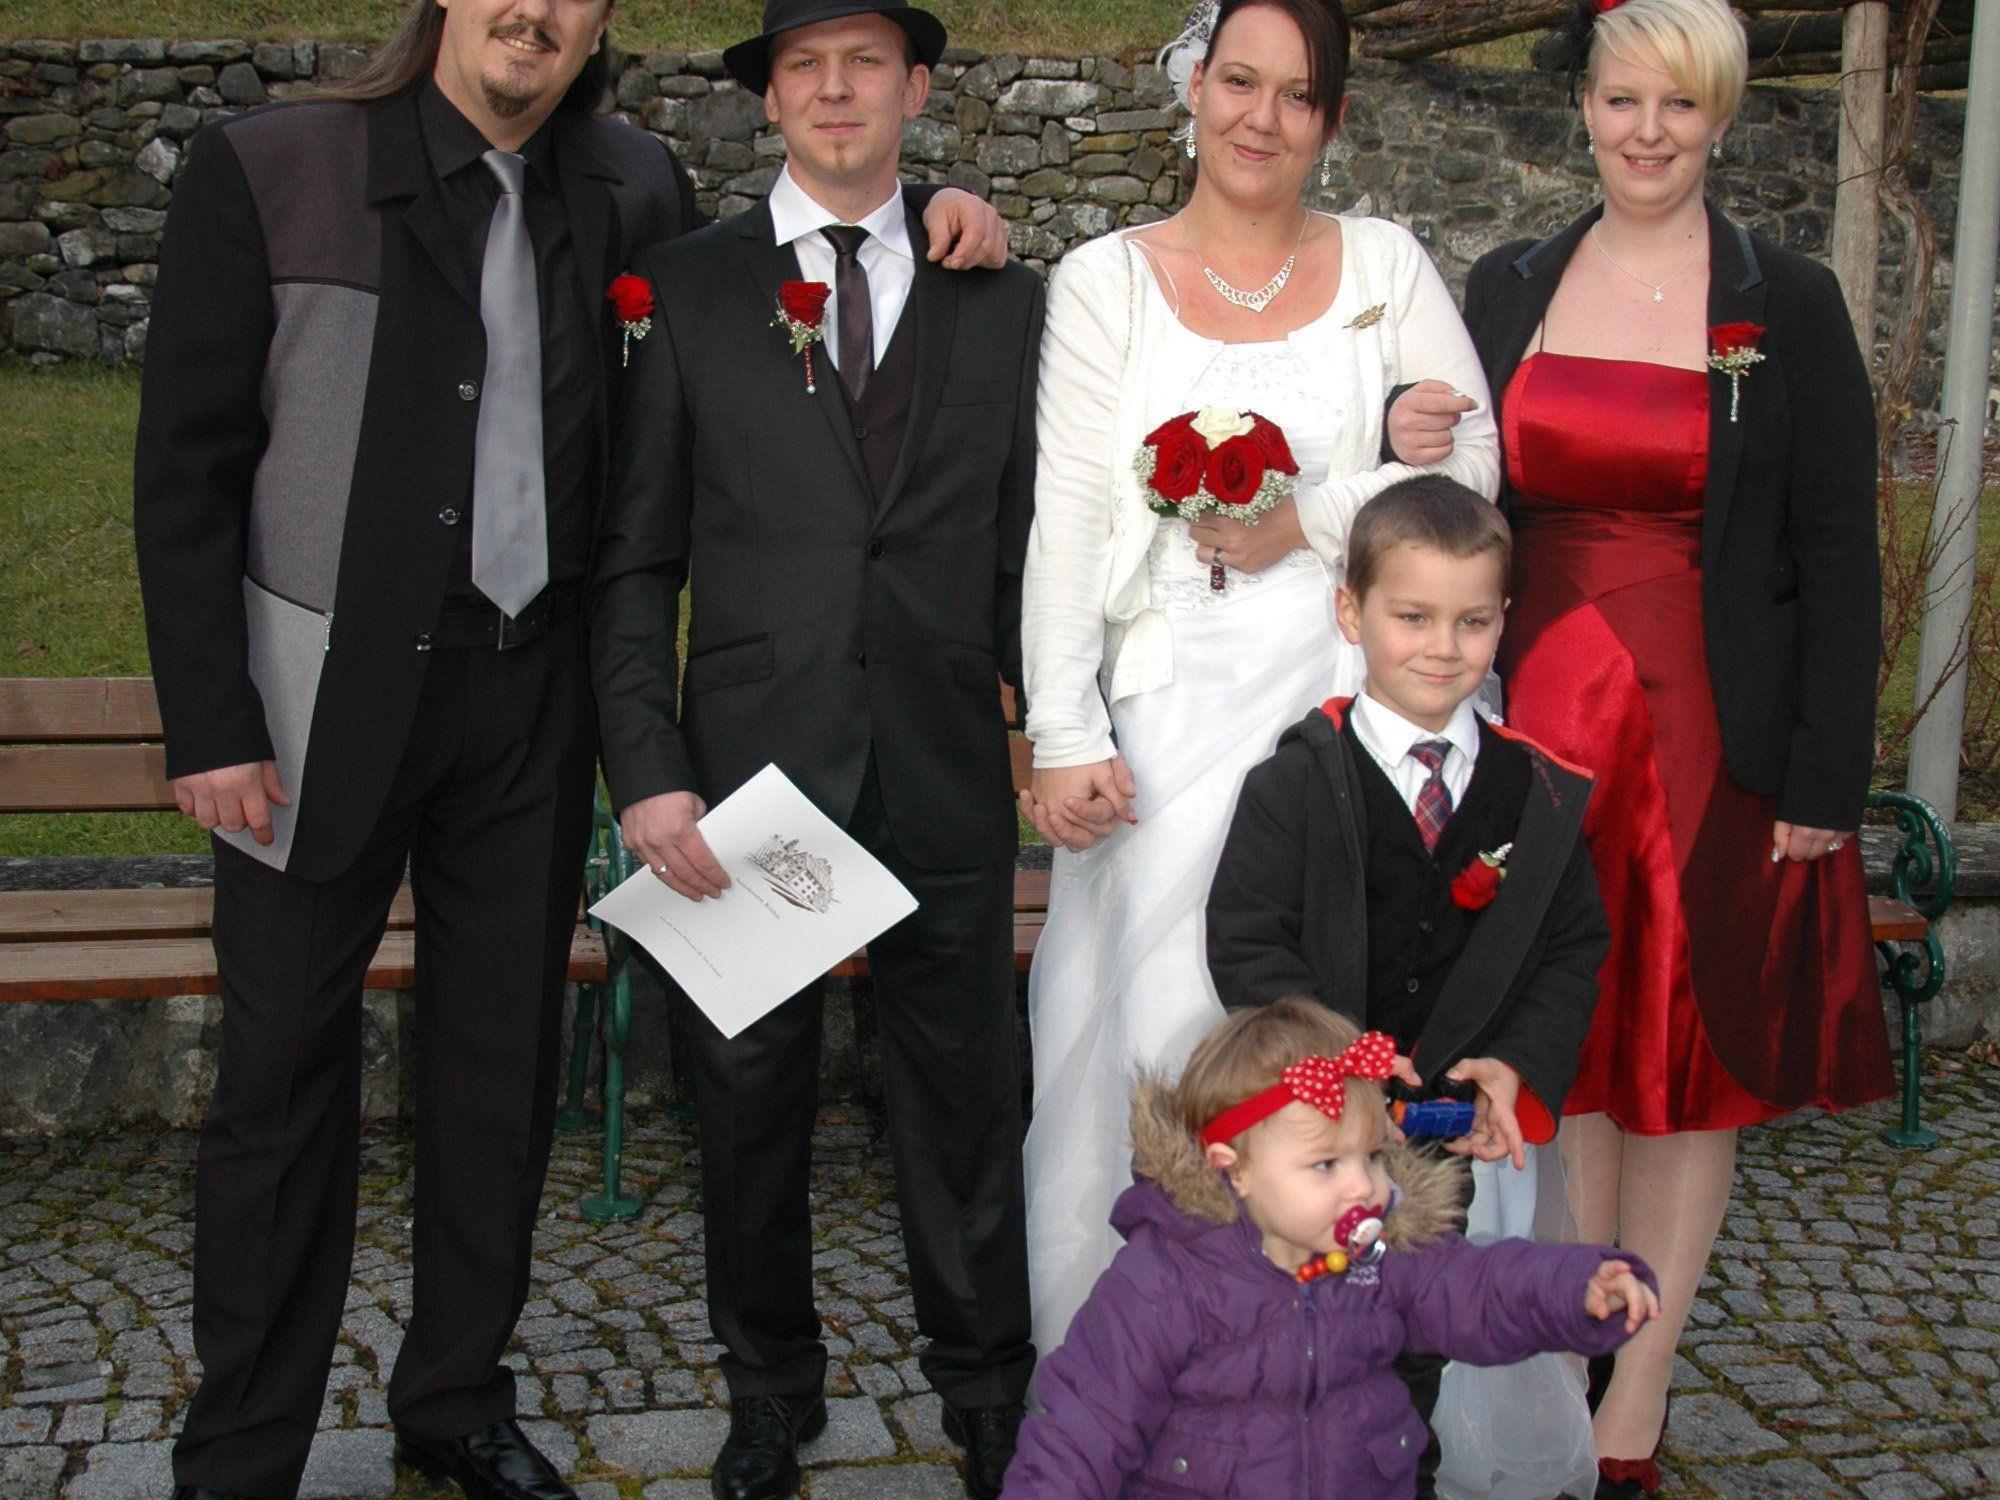 Manuela Sauerwein und Thomas Findrik haben geheiratet.